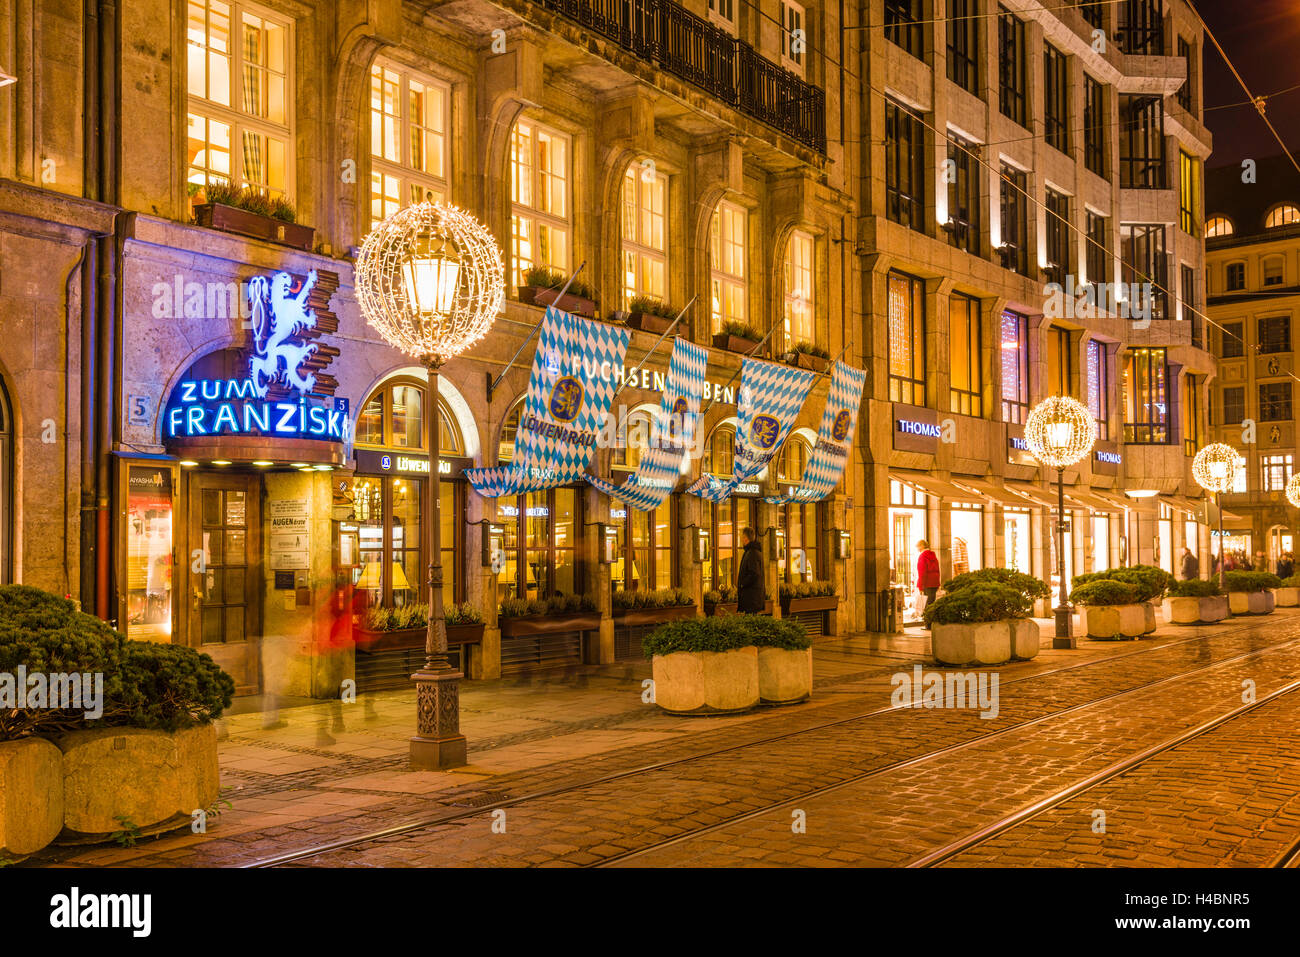 Deutschland, Bayern, Oberbayern, München, Lehel, Perusastraße, restaurant 'Zum Franziskaner', - Stock Image